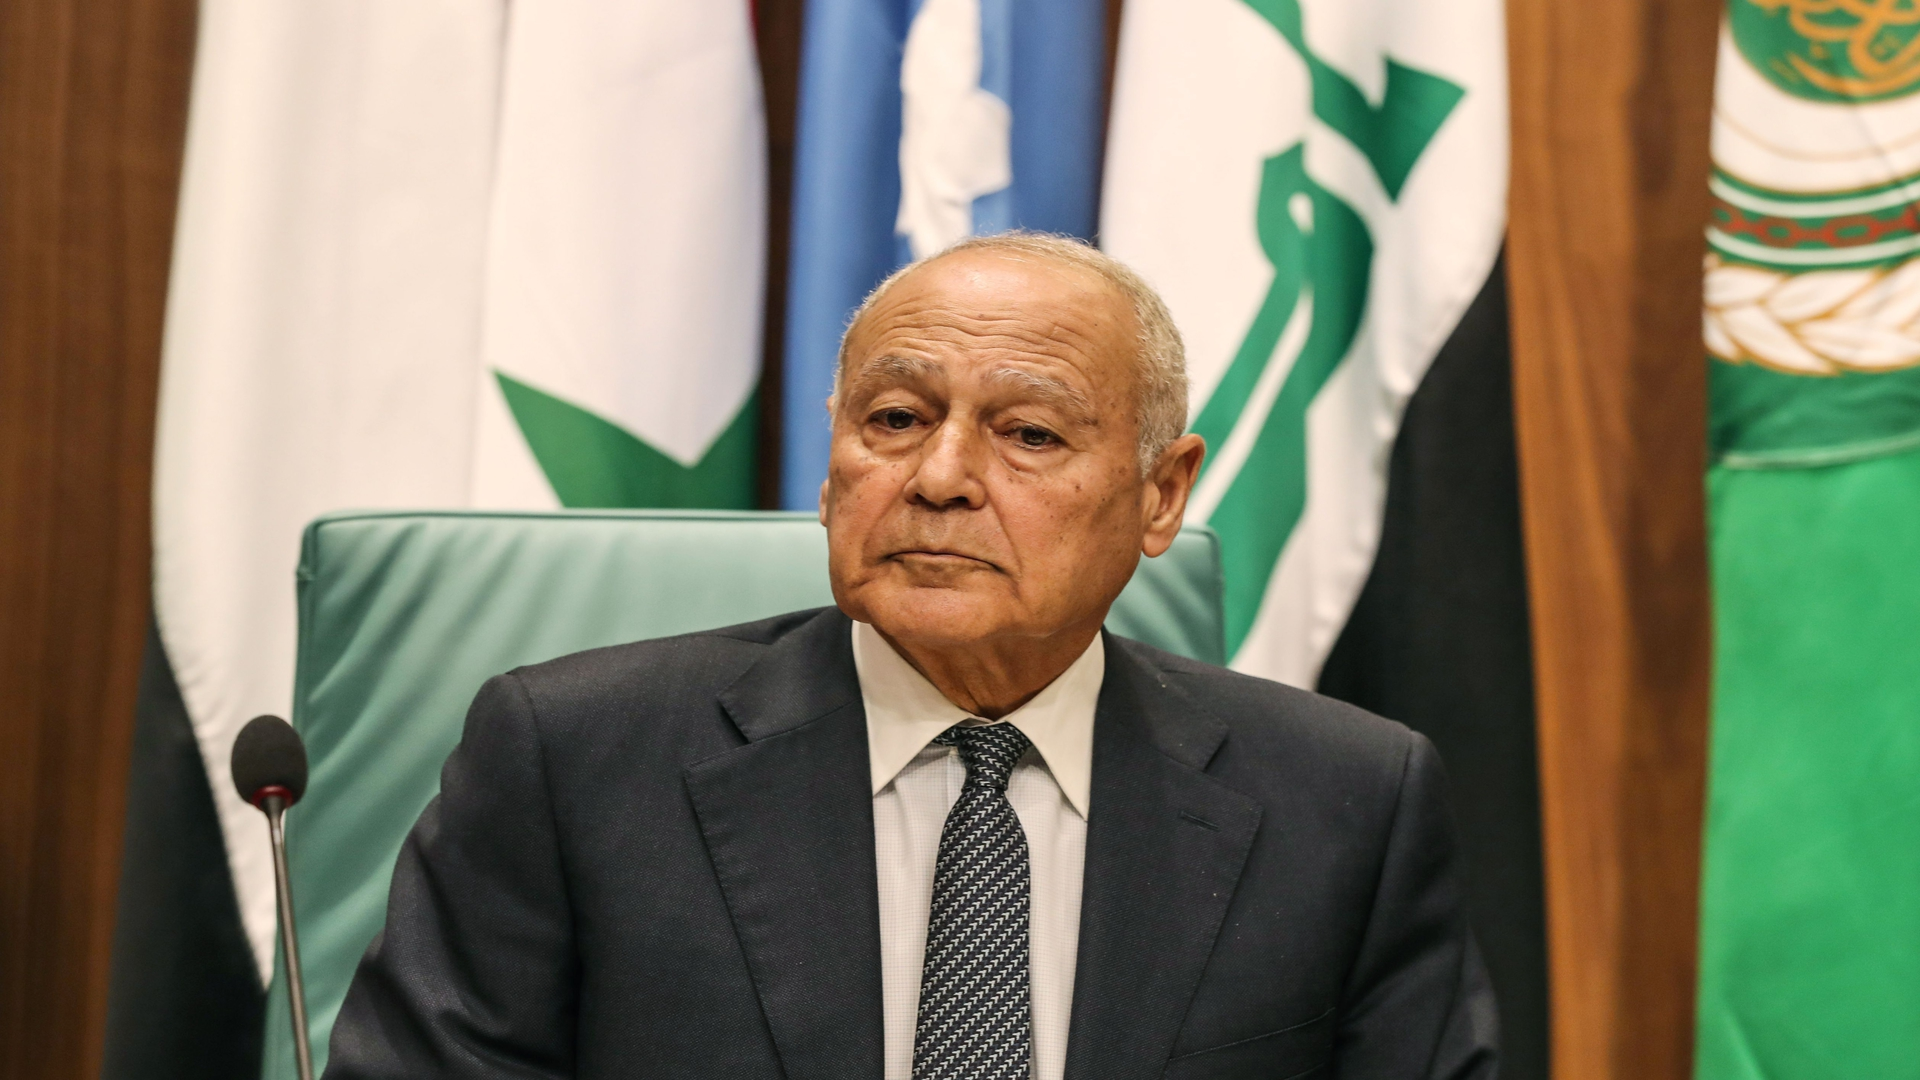 أبو الغيط:مؤتمر استرداد الأموال المنهوبة من العراق فرصة مهمة لمكافحة الفساد